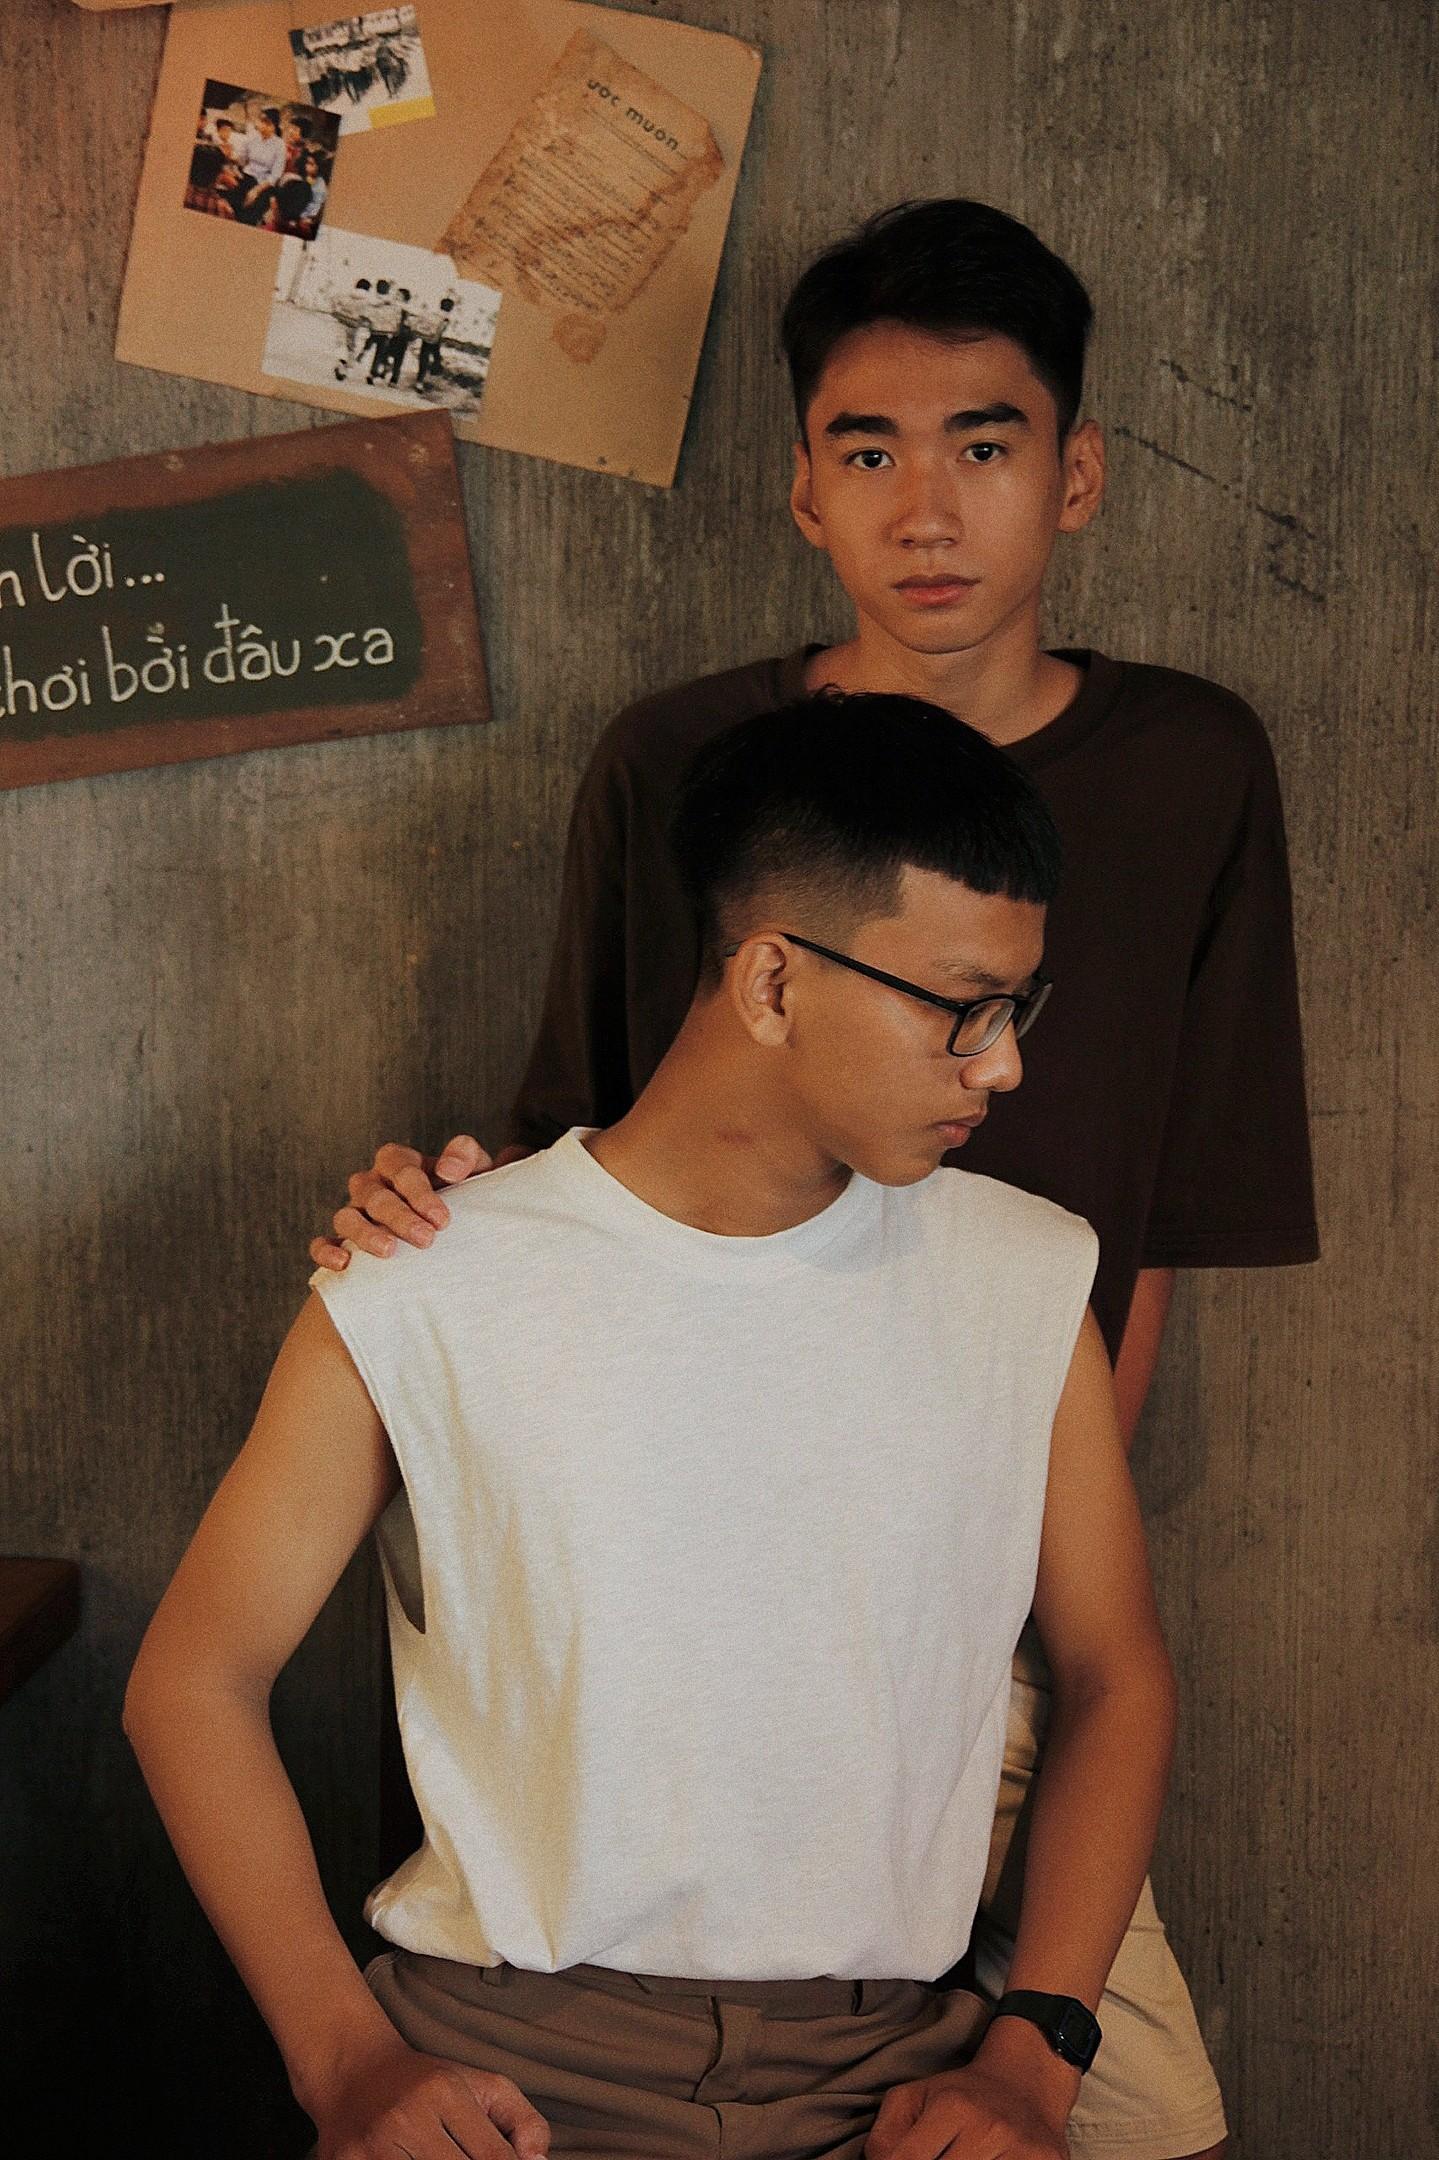 Bộ ảnh rất tình của cặp LGBT điển trai khiến cộng đồng mạng thổn thức - Ảnh 5.